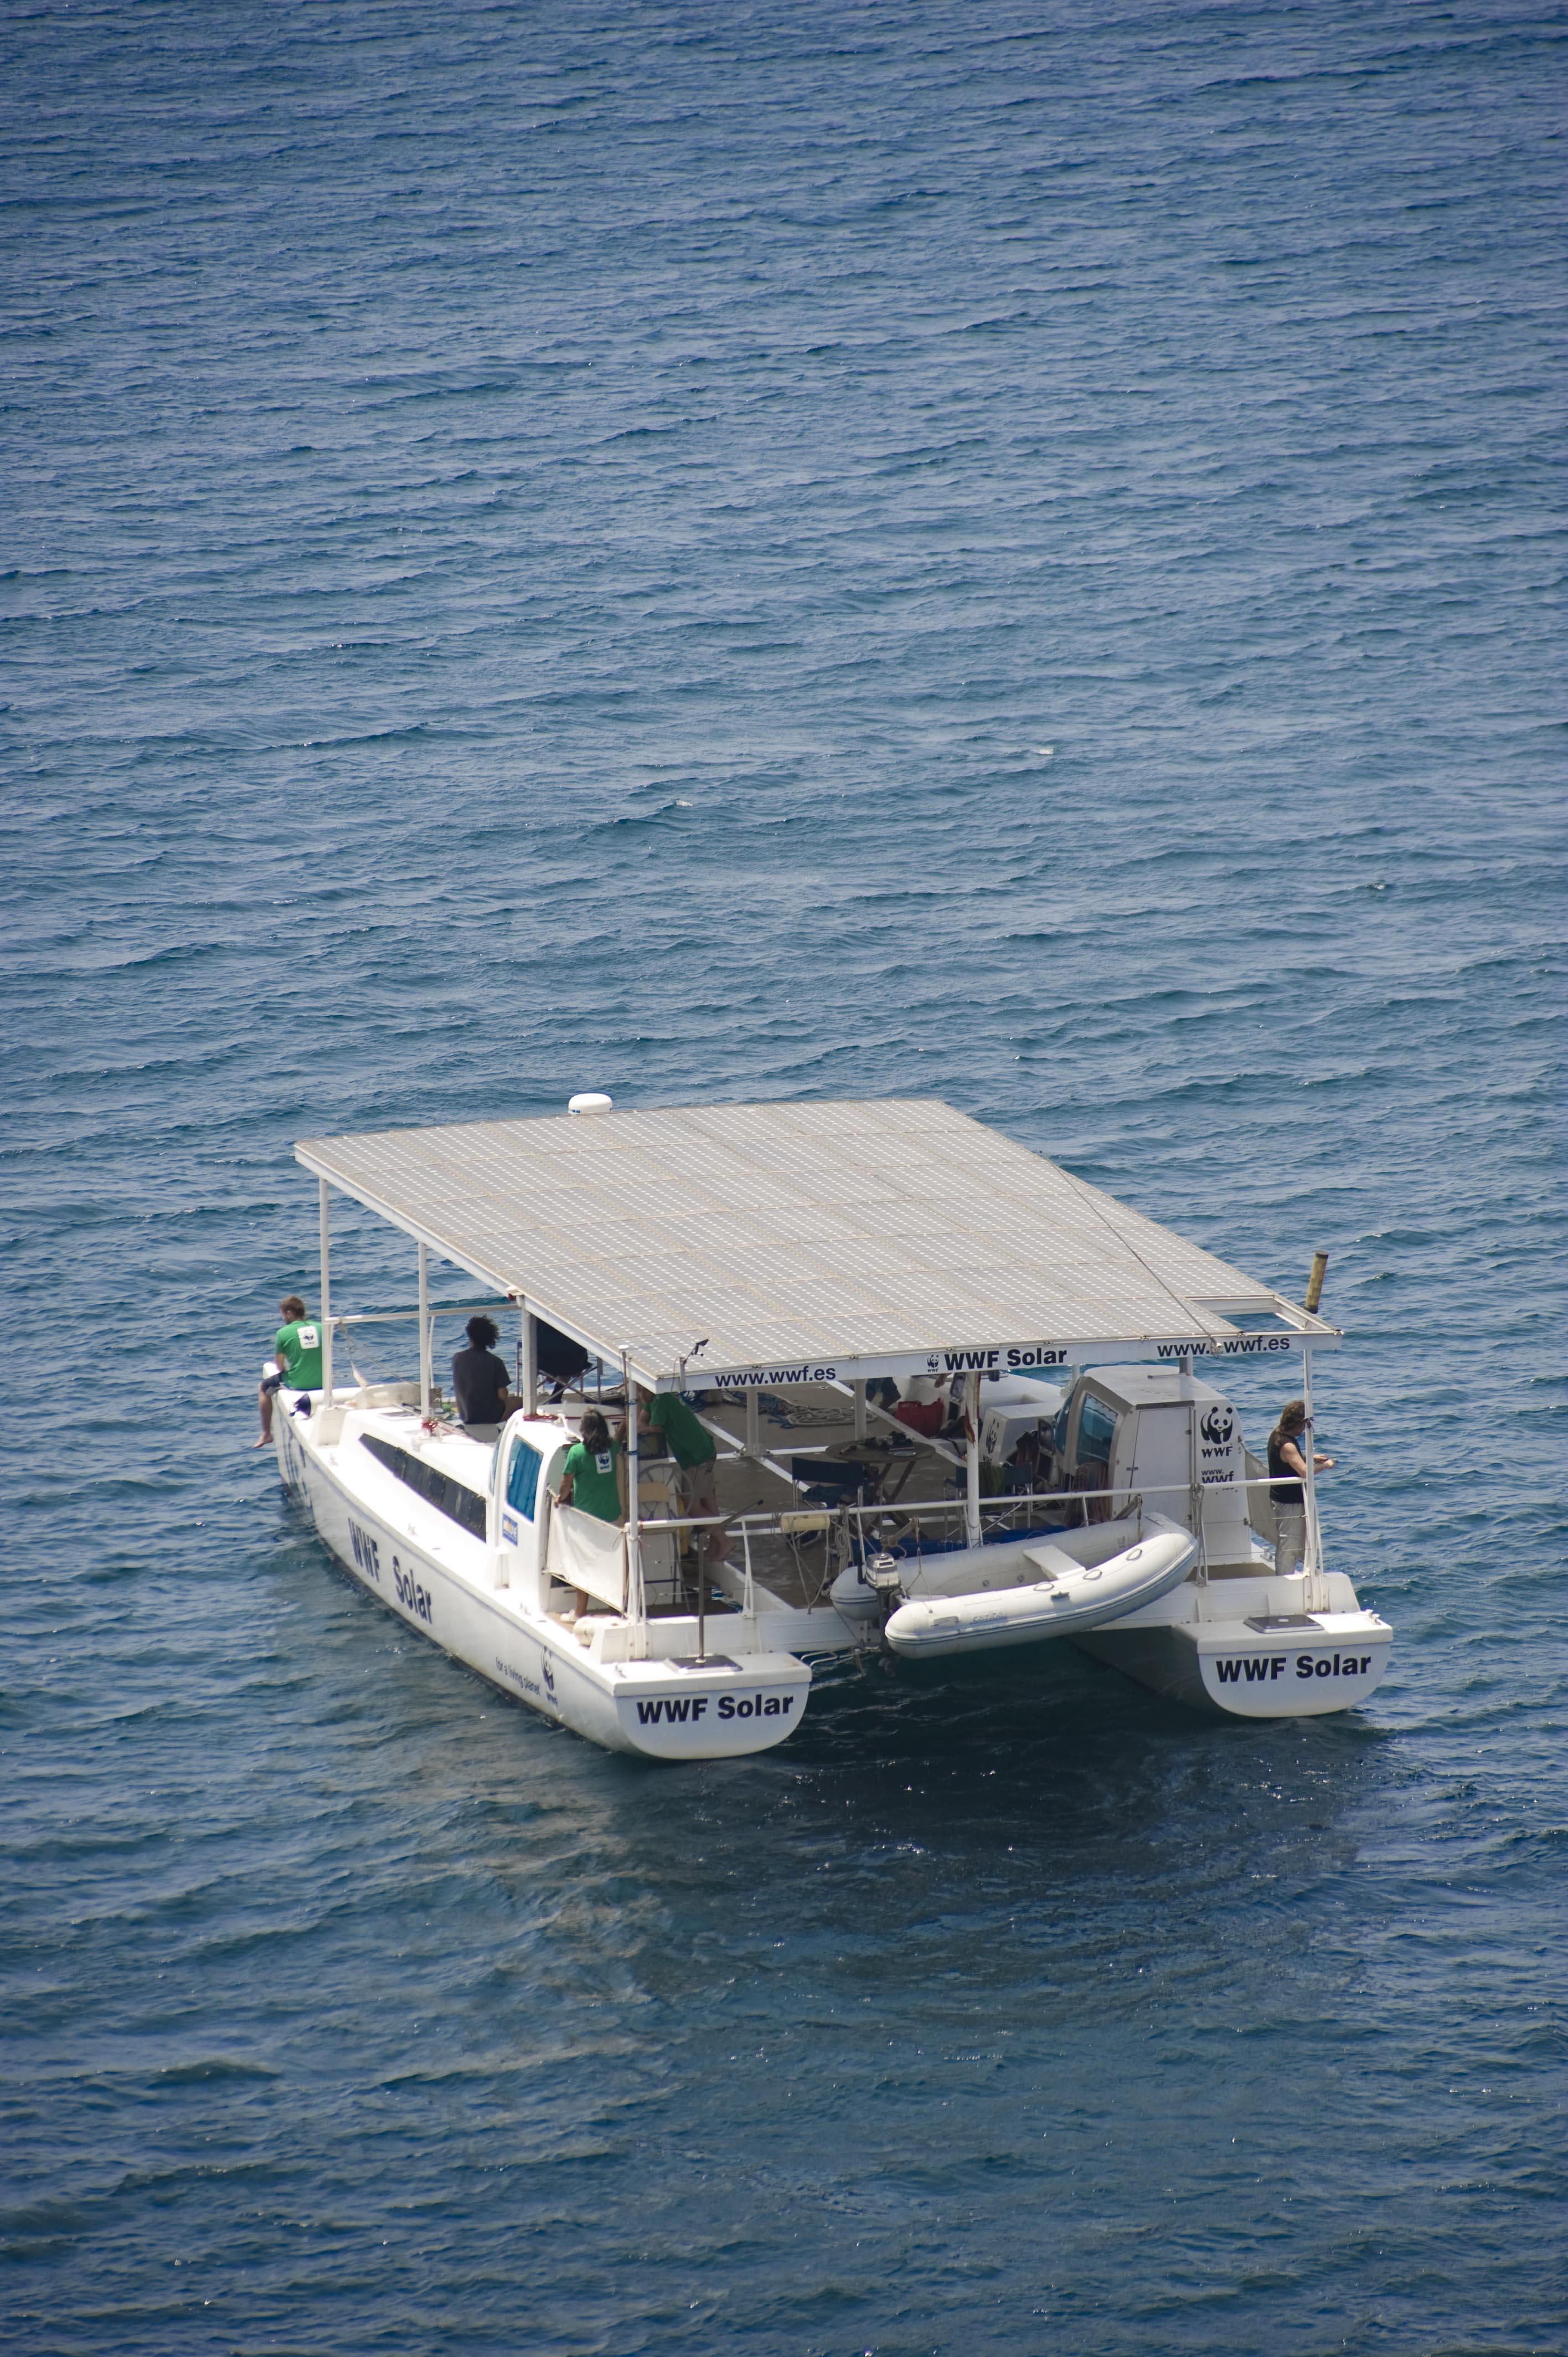 El catamarán de WWF llega a Valencia  impulsado por el sol y sin emitir CO2